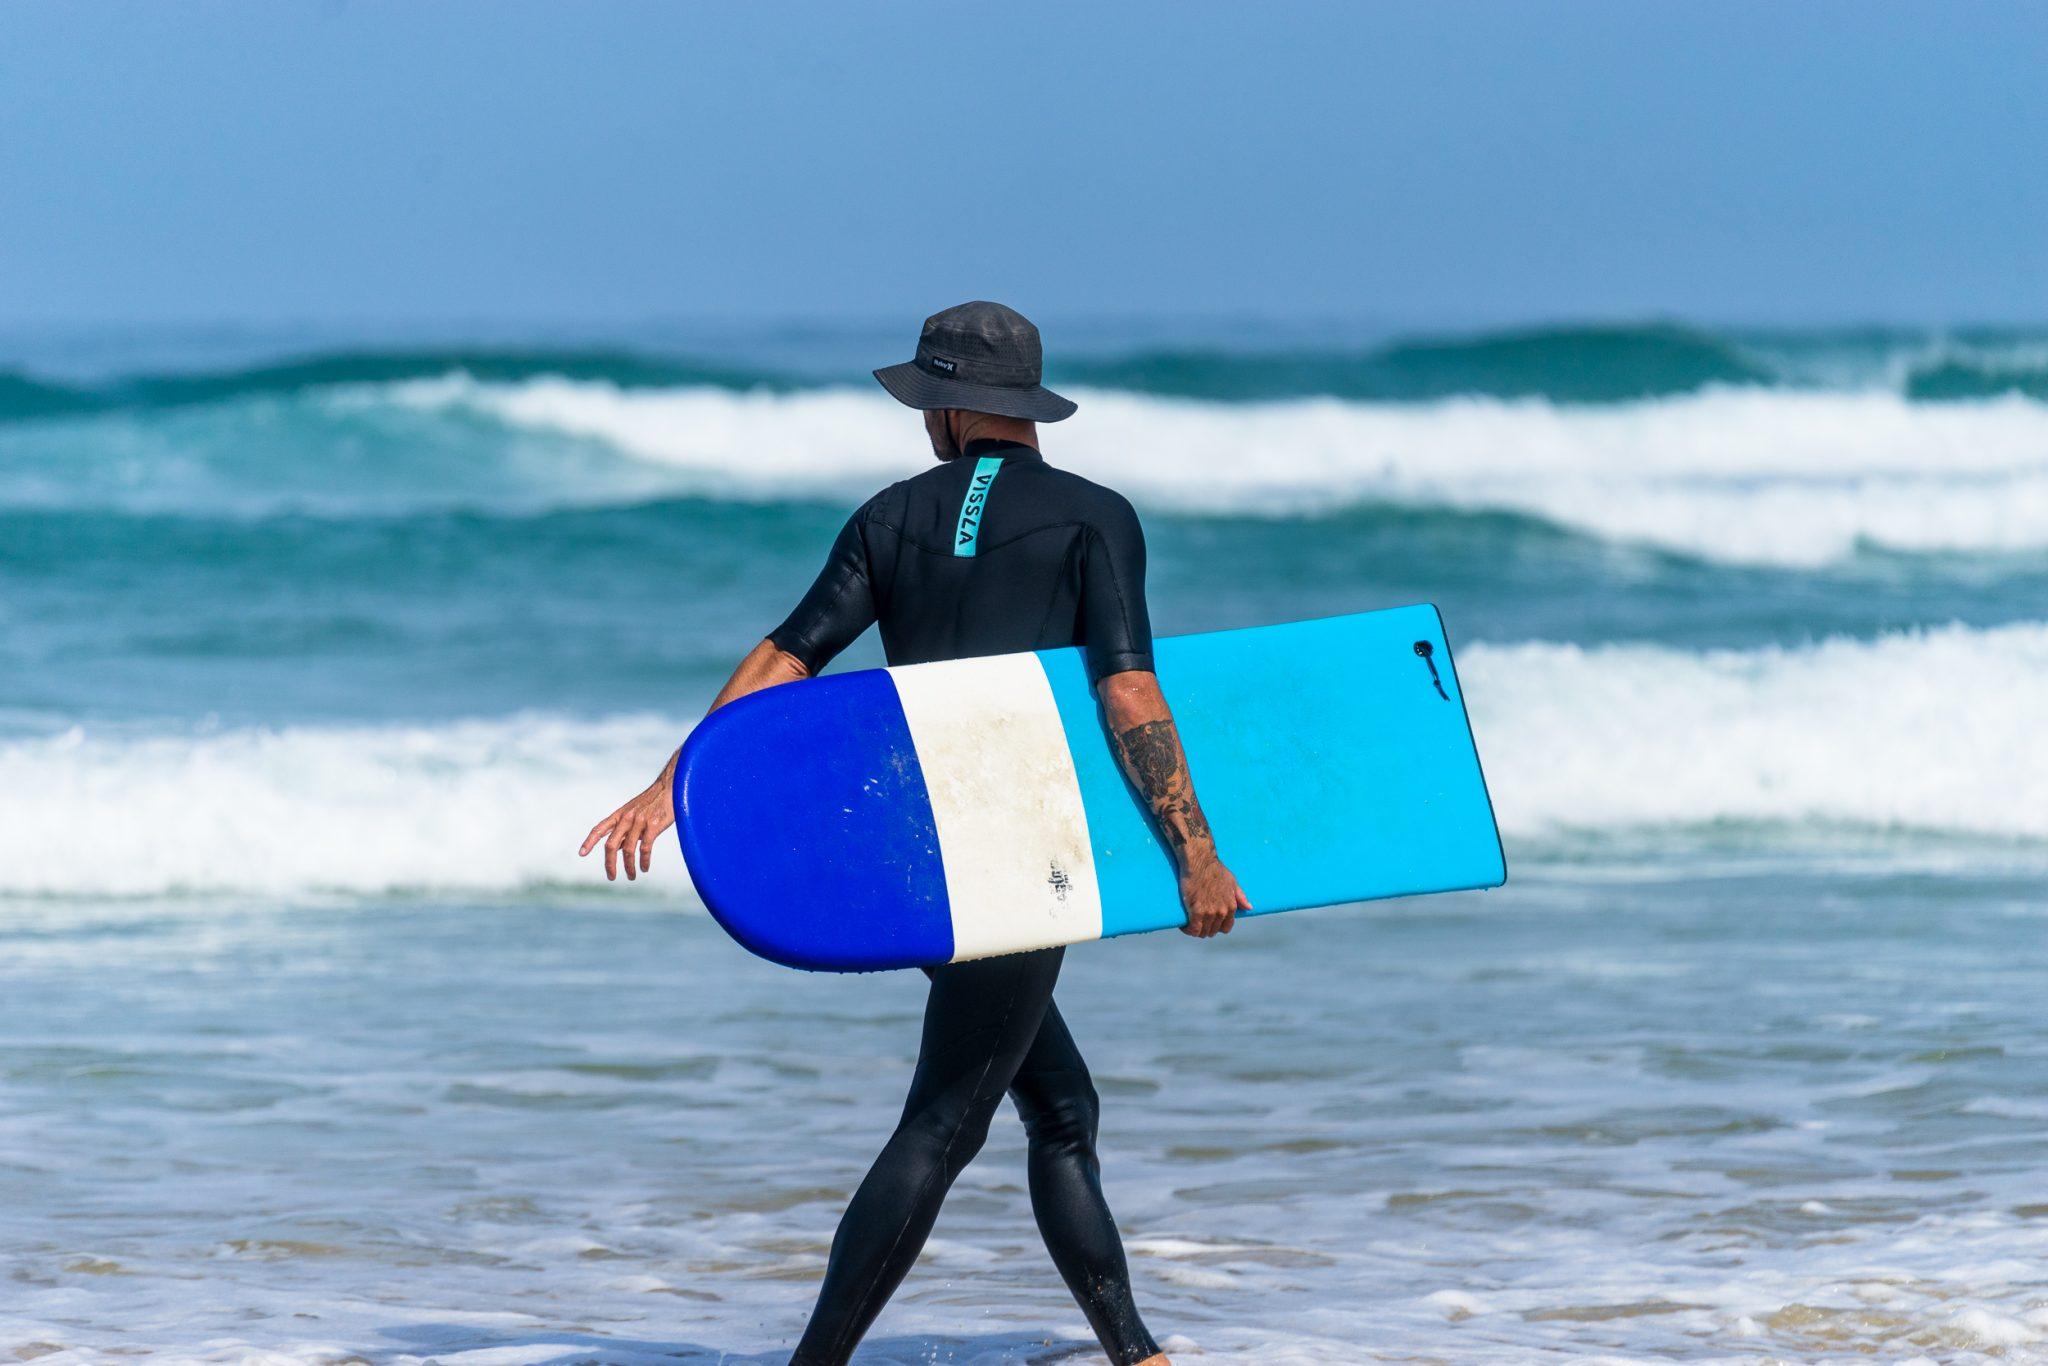 Warum ein Soft Top das perfekte Surfboard für dich ist?